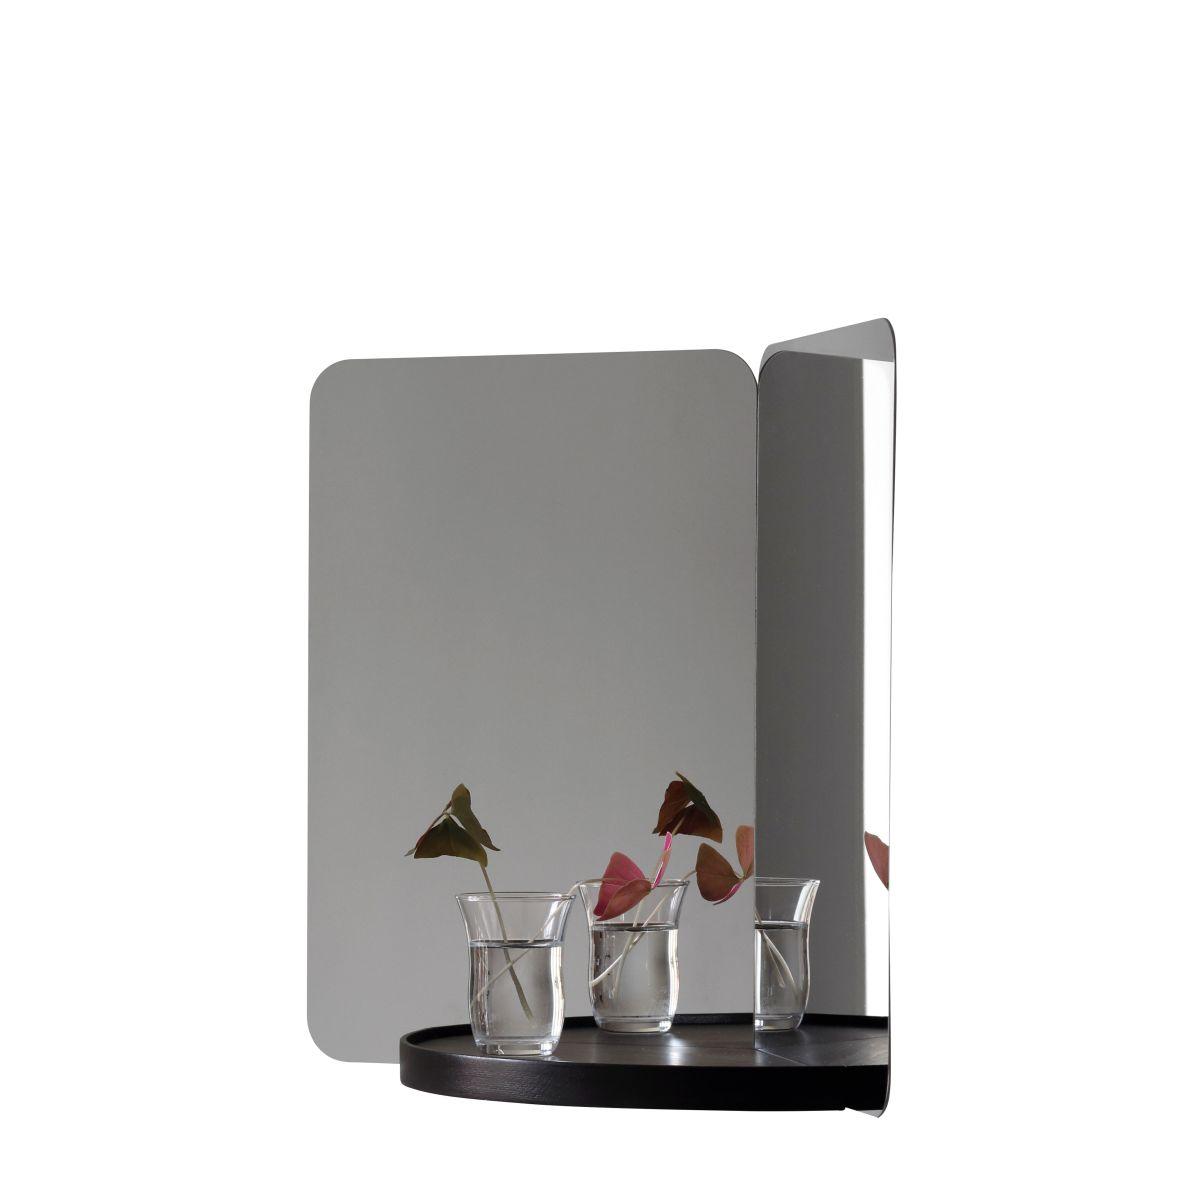 124° Mirror medium tray_1